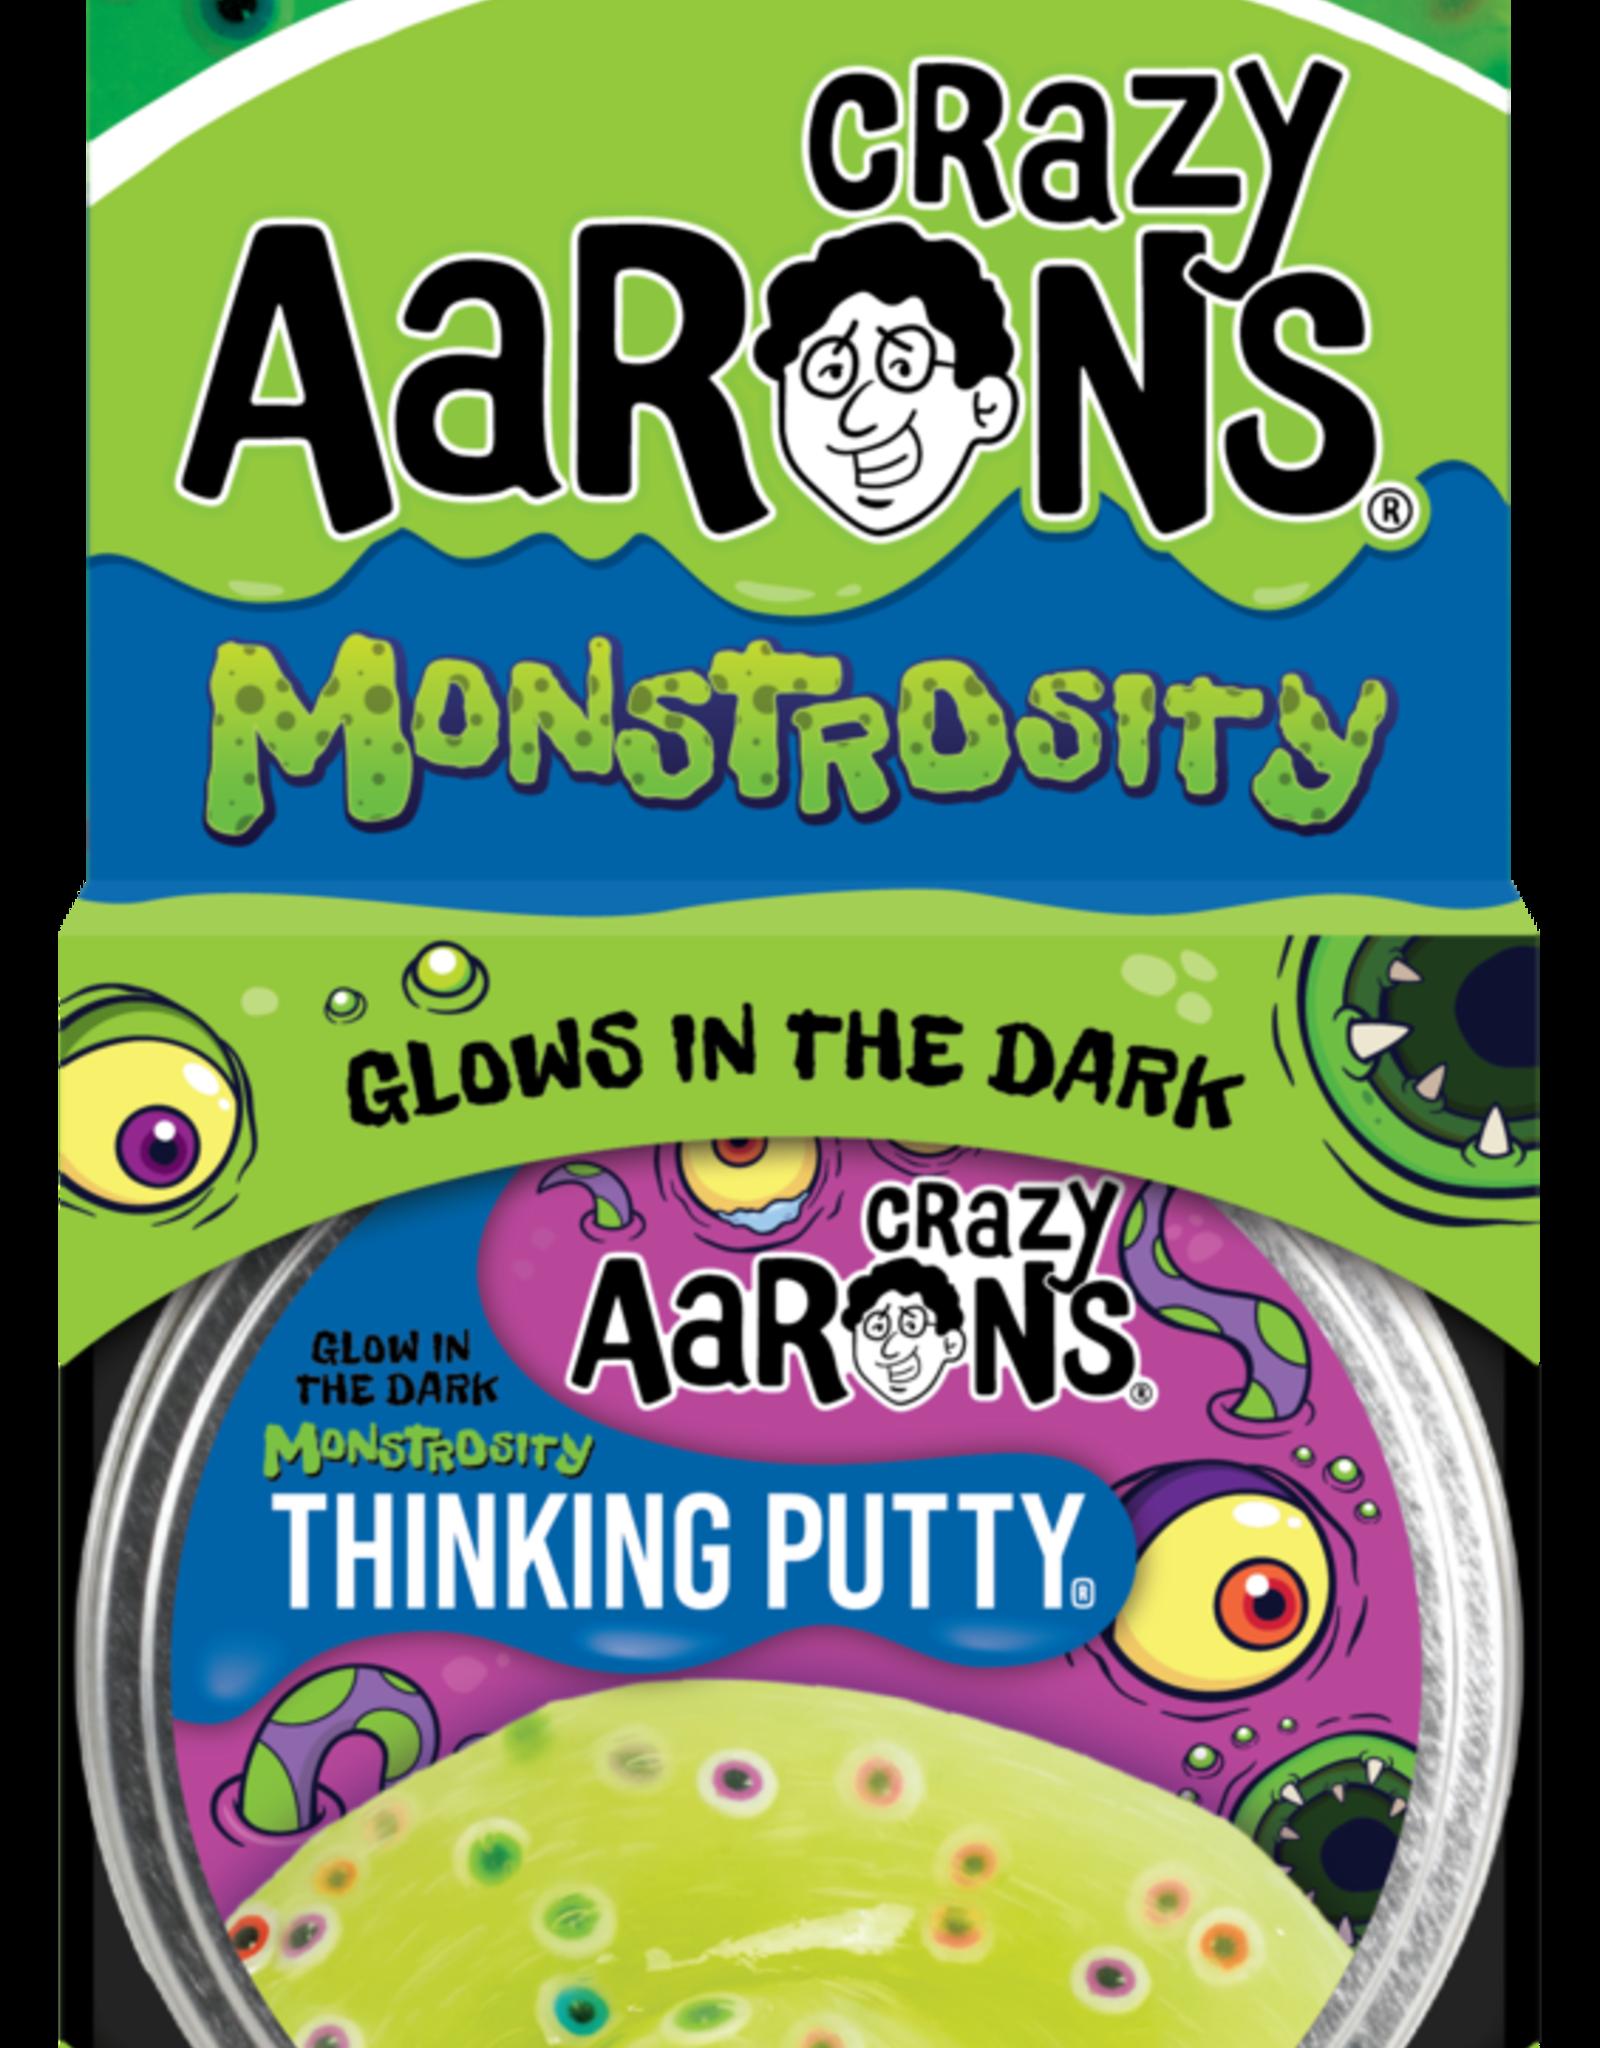 Crazy Aarons Putty Monstrosity